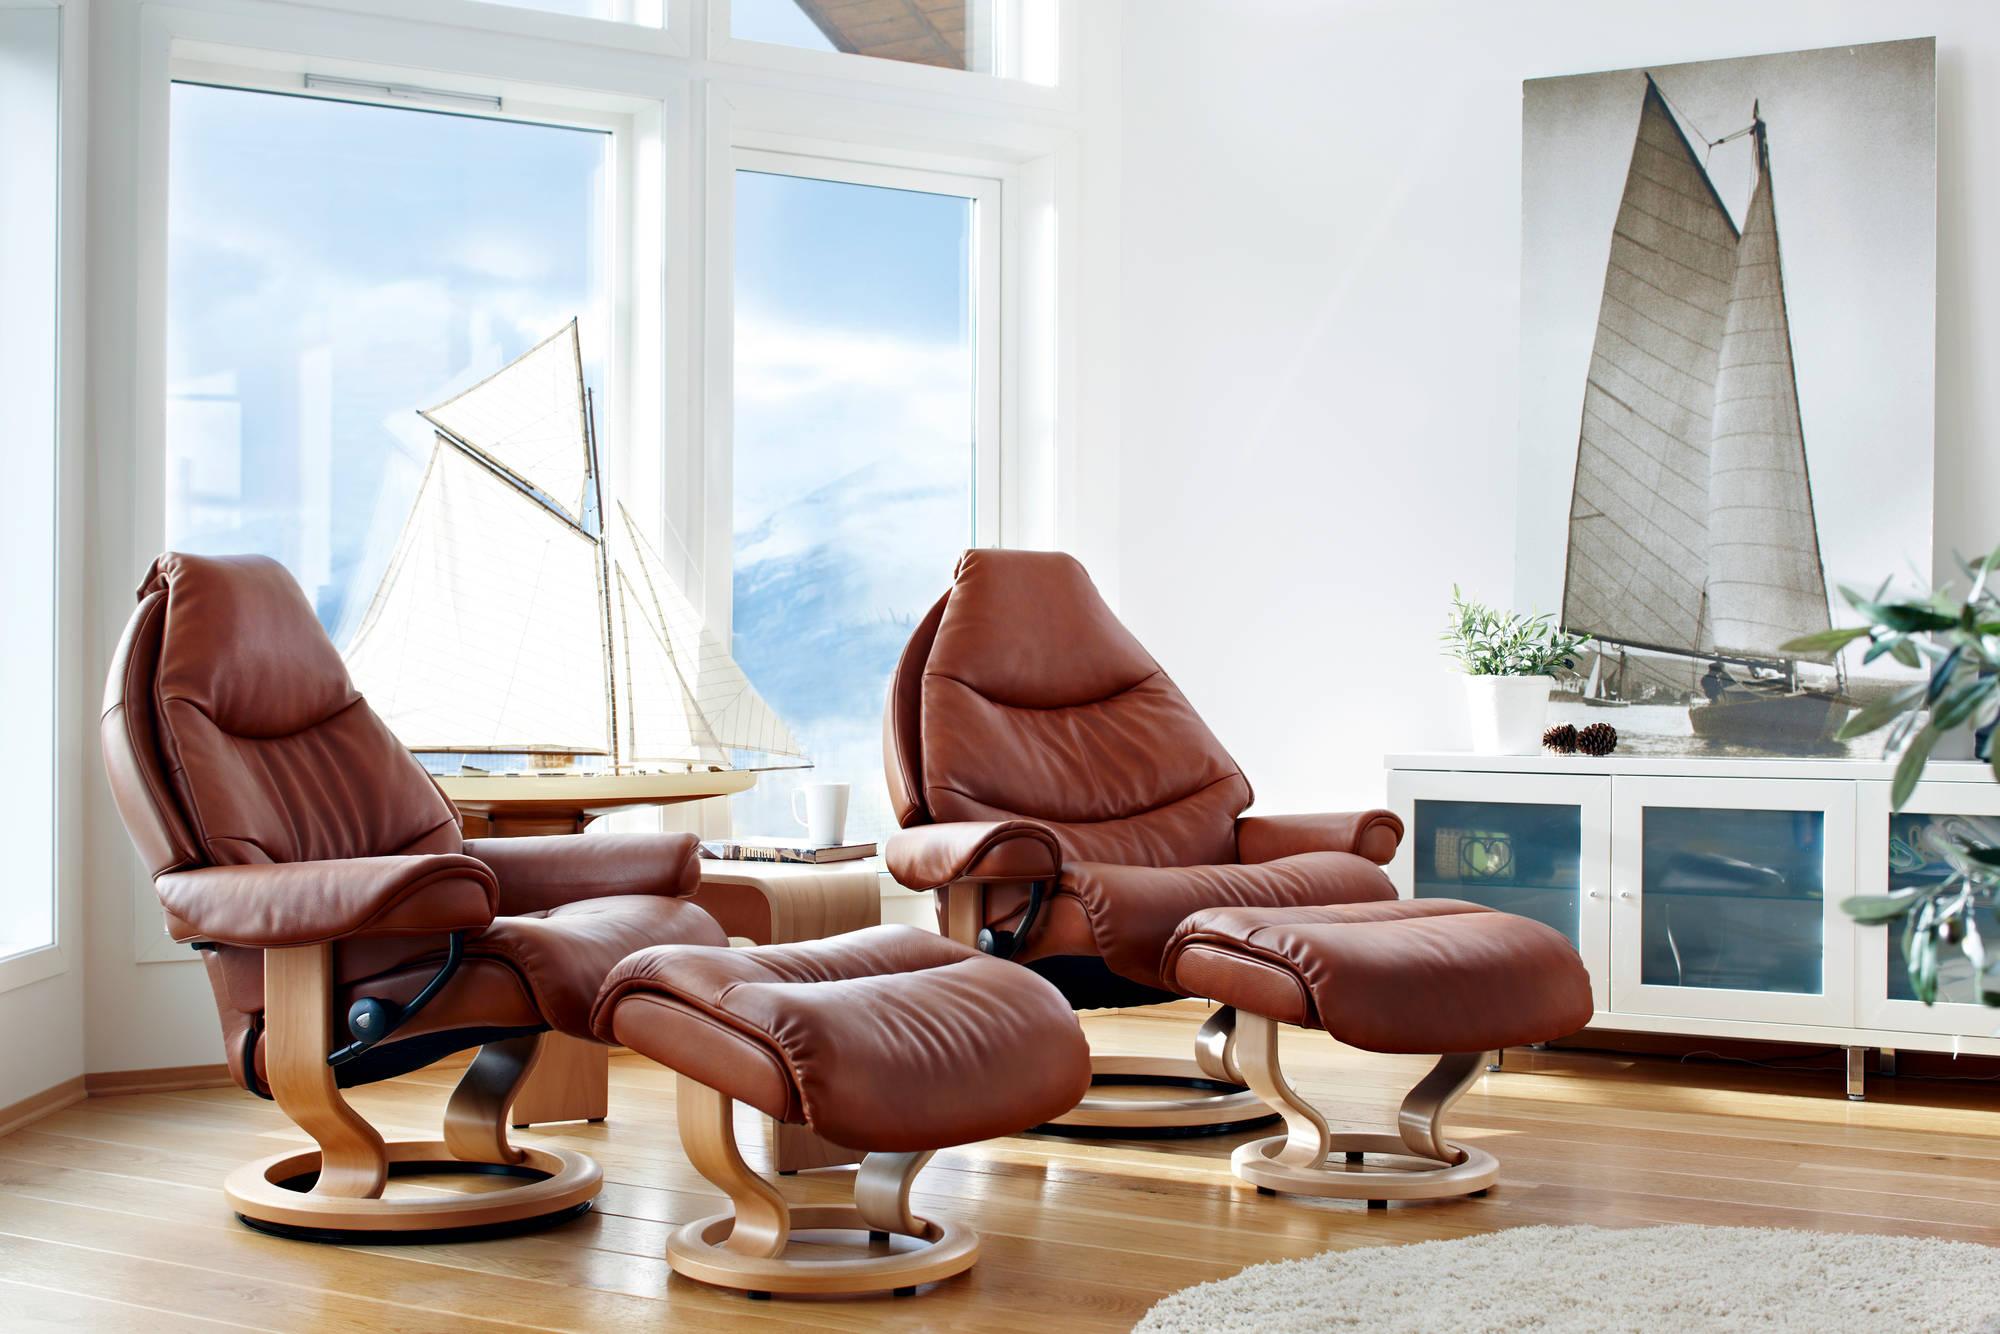 Кресло реклайнер из коричневой кожи